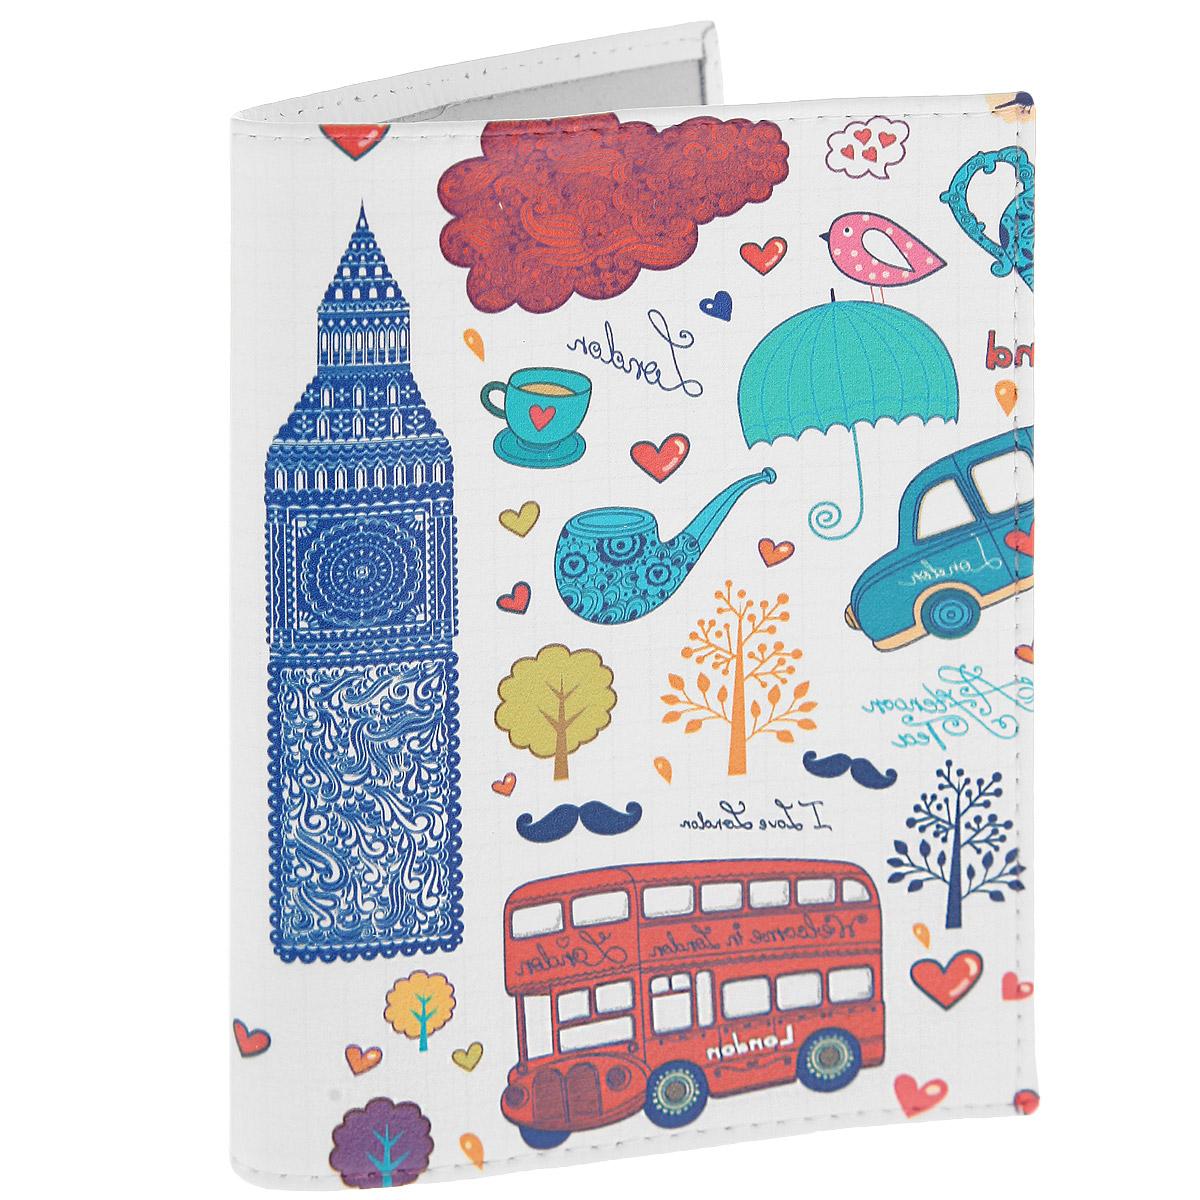 Обложка для паспорта Утренний Лондон. OK225